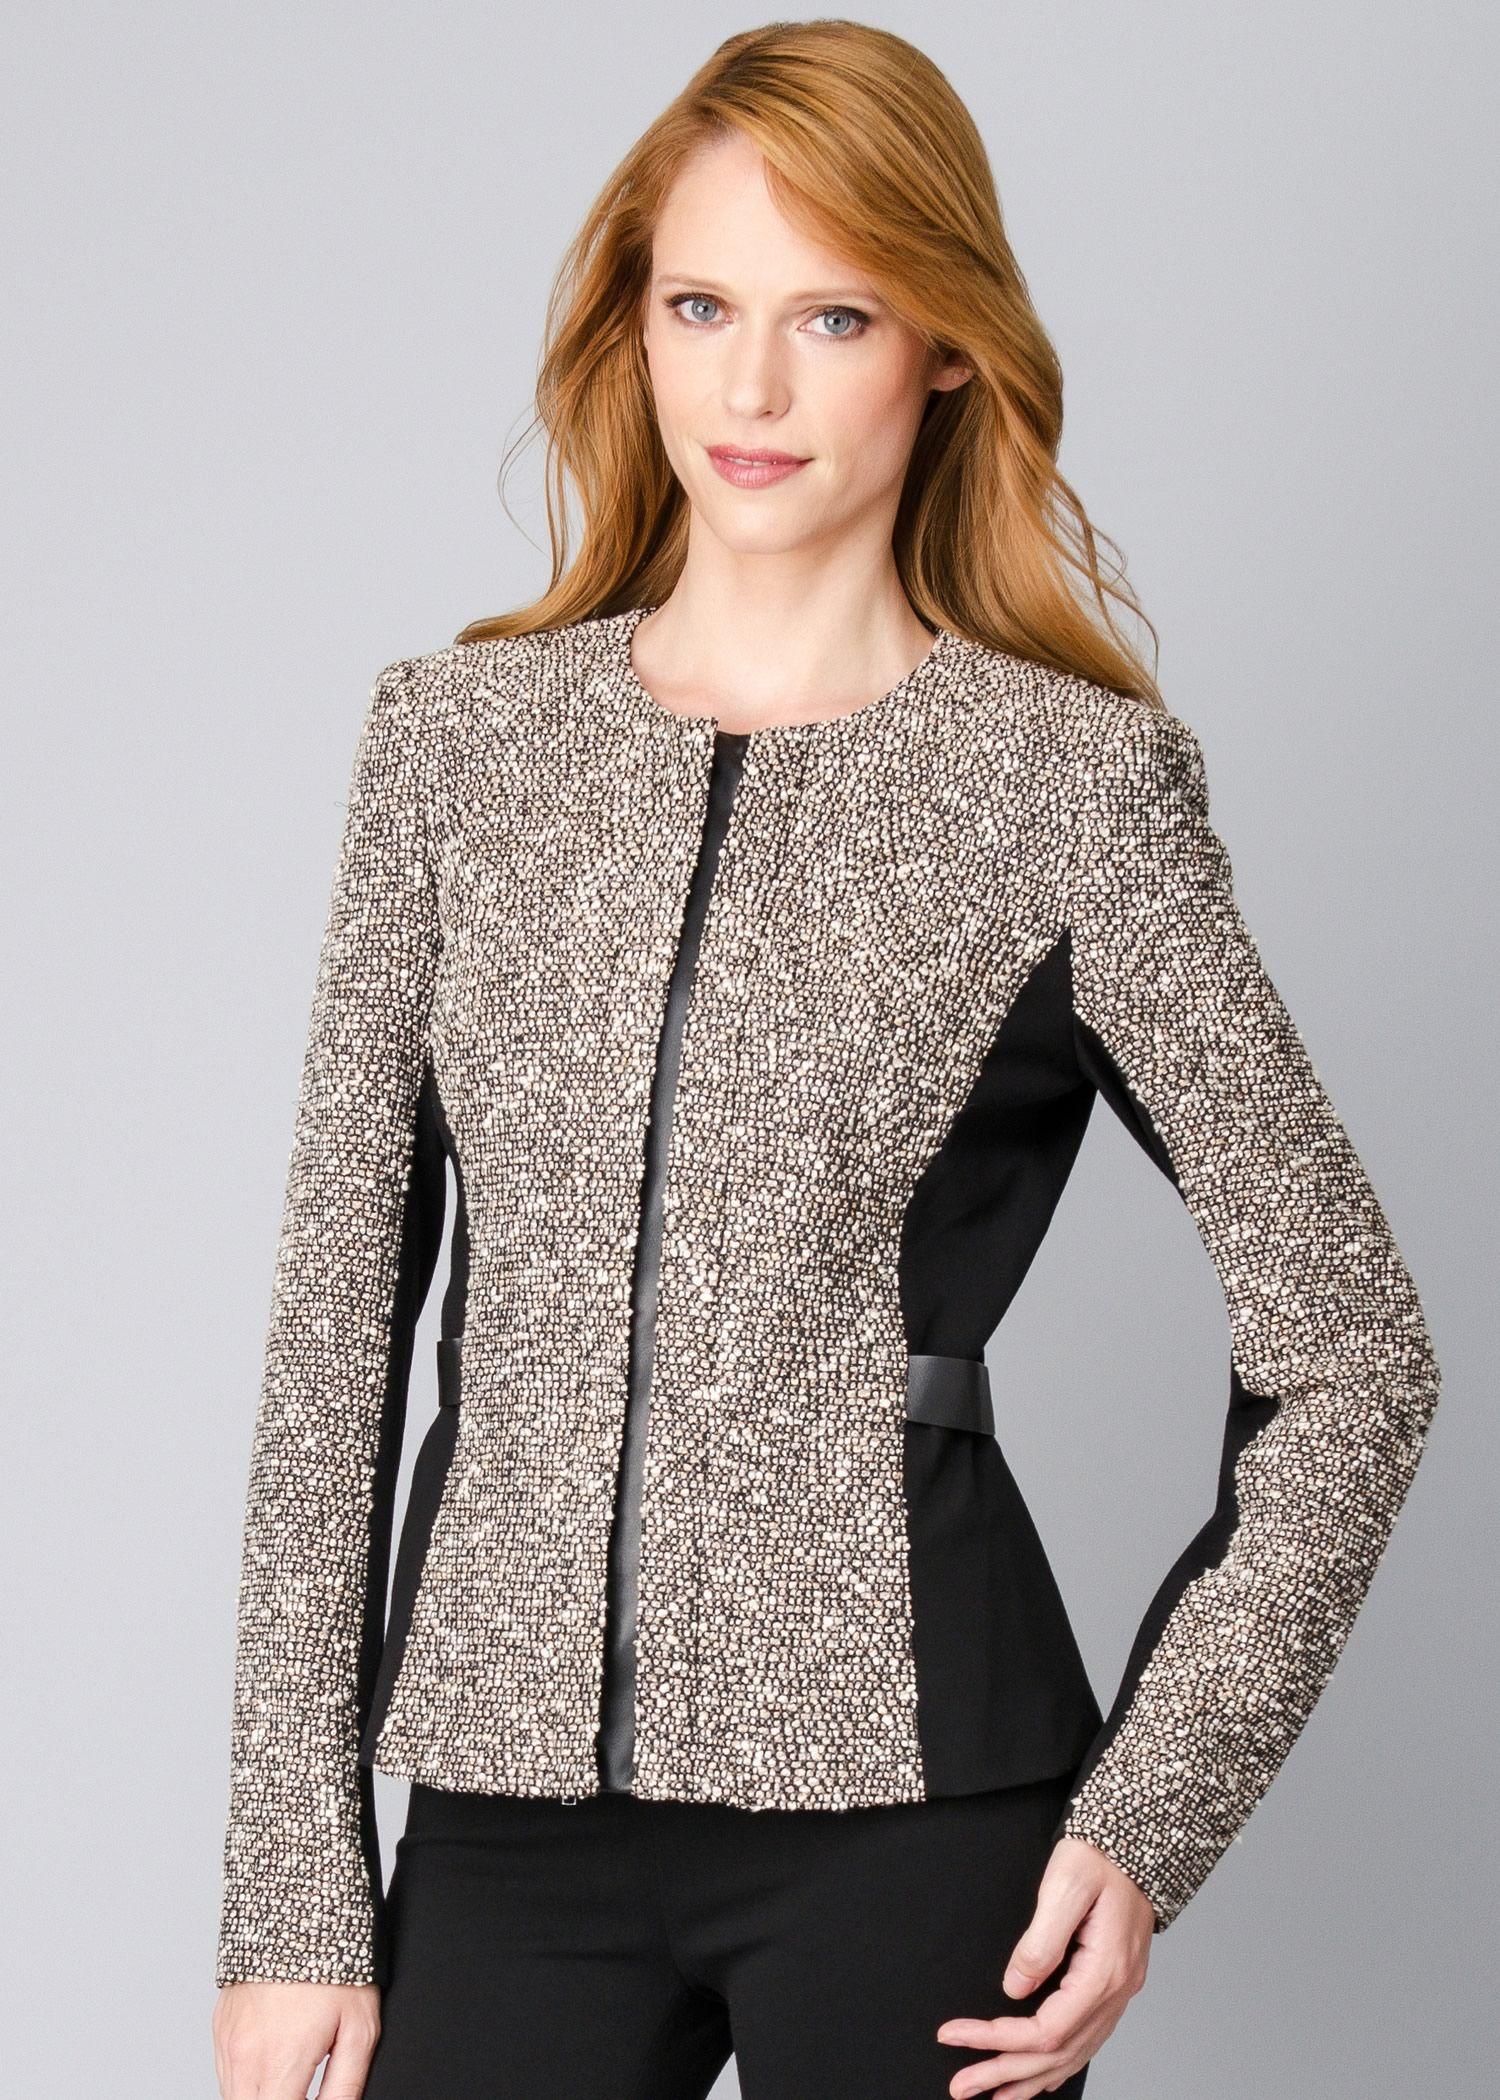 Bijoux Tweed Bently Jacket Womens Jackets & Designer